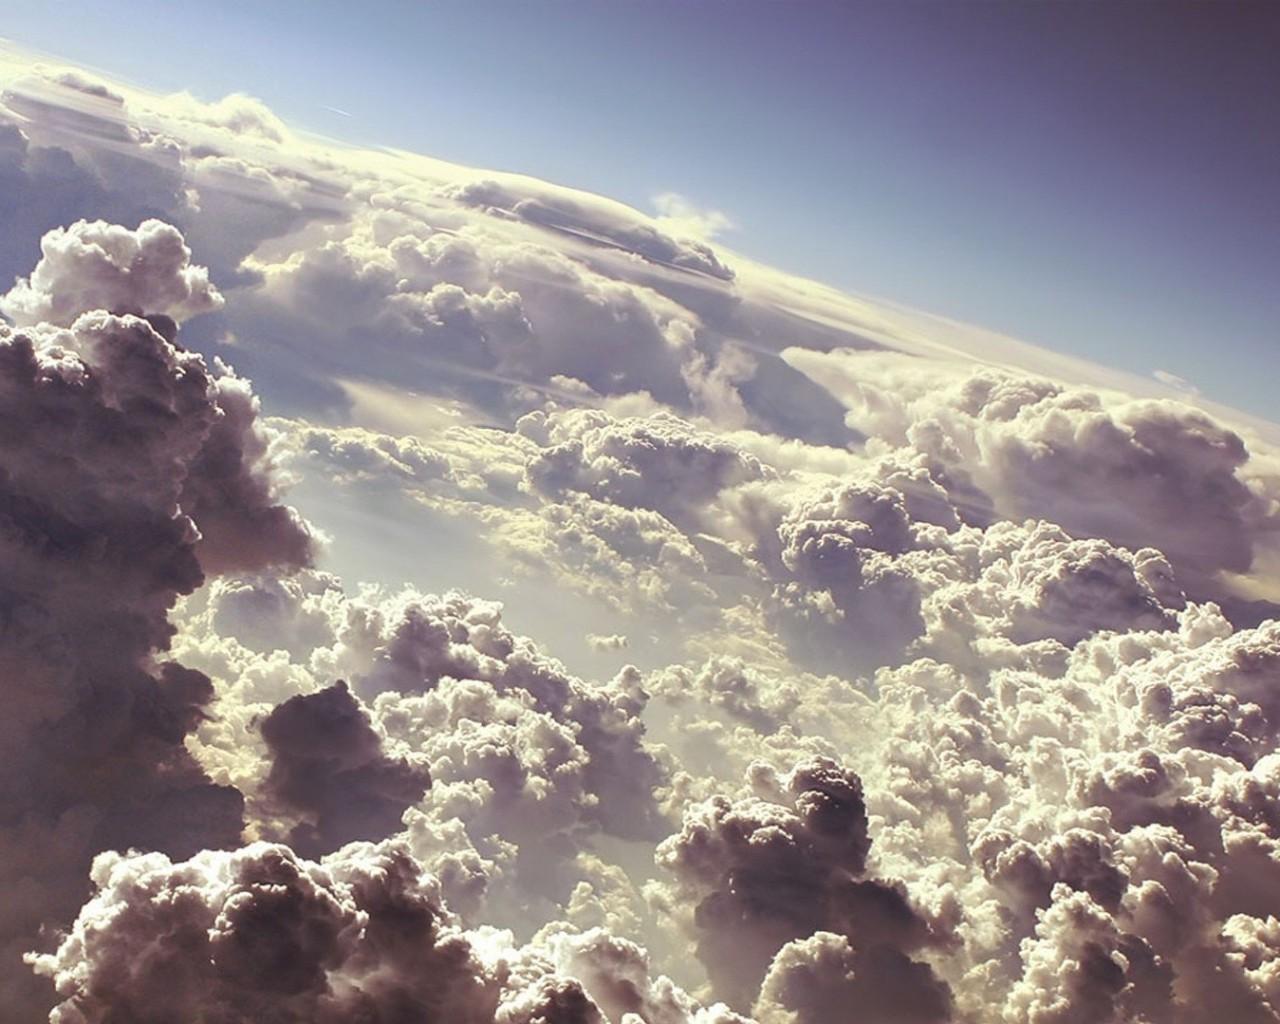 Скачать картинку Небо, Облака, Пейзаж в телефон бесплатно.